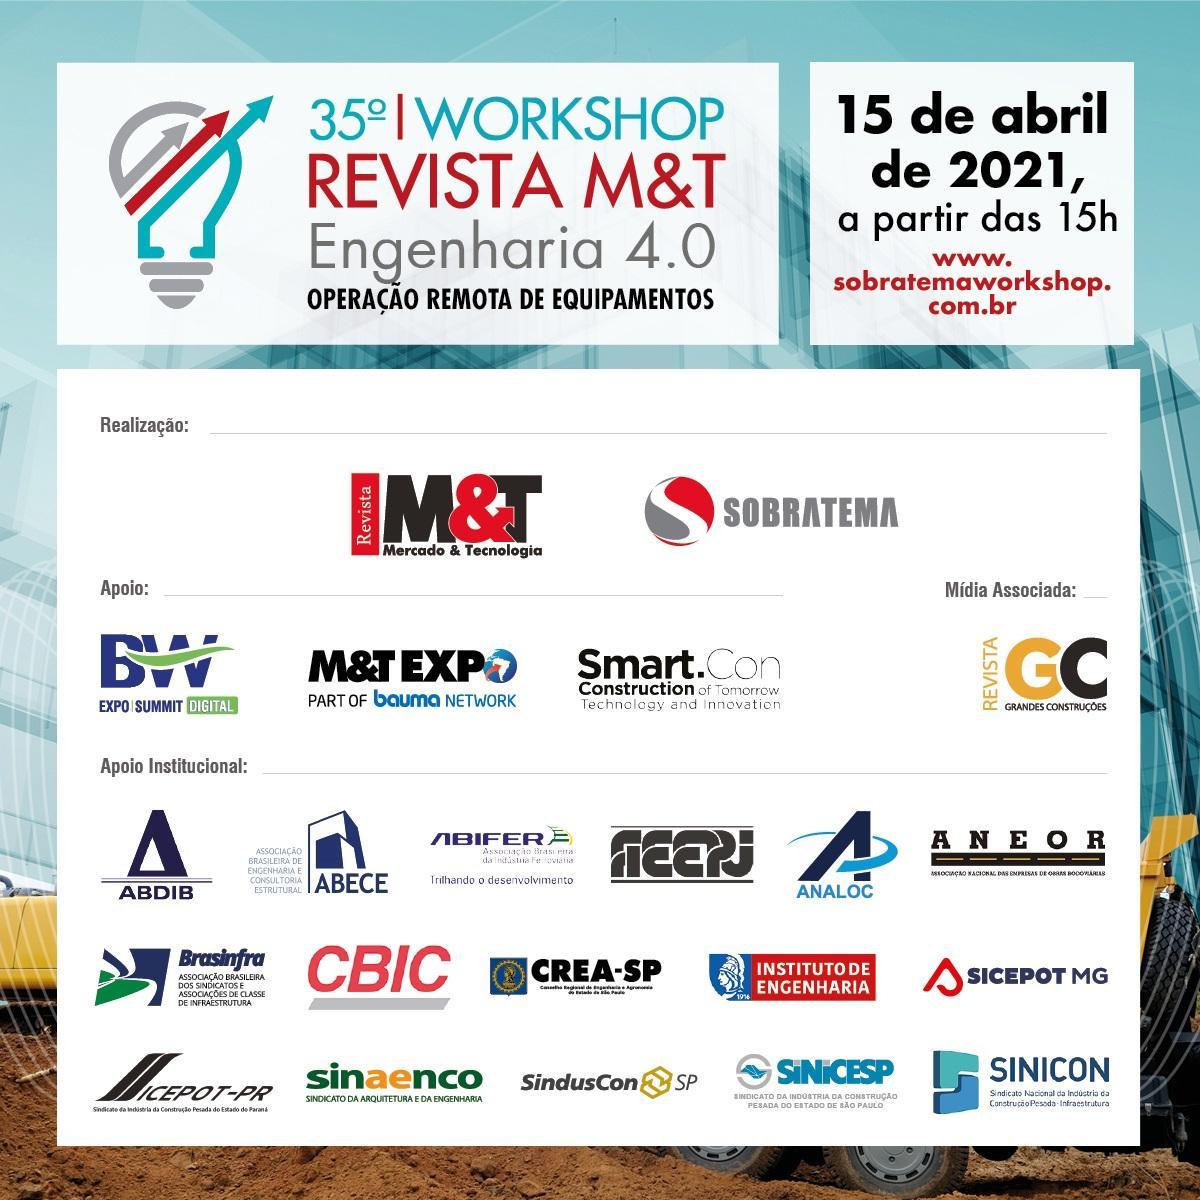 O 35º WORKSHOP REVISTA M&T - ENGENHARIA 4.0 OPERAÇÃO REMOTA DE EQUIPAMENTOS